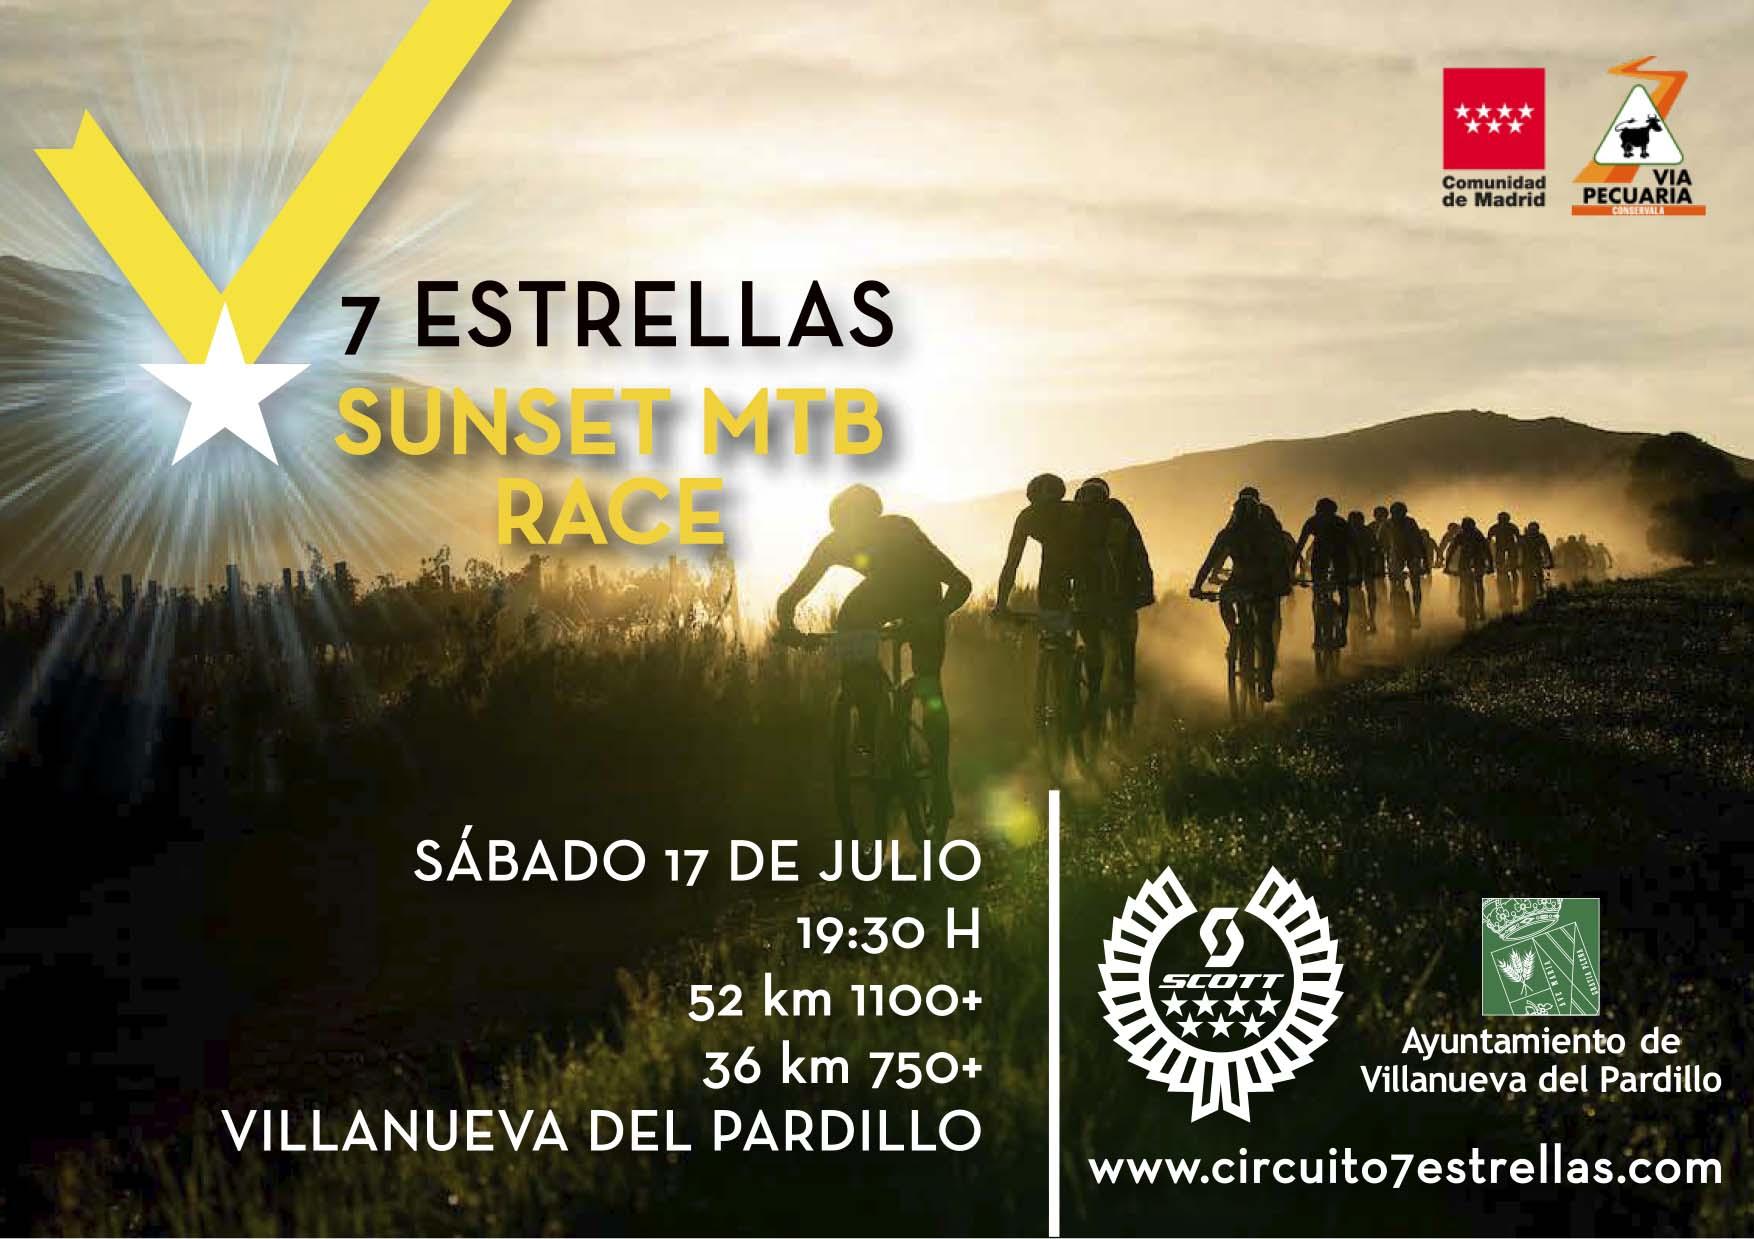 Llega la Sunset MTB Race by Scott a Villanueva del Pardillo el 17 de Julio